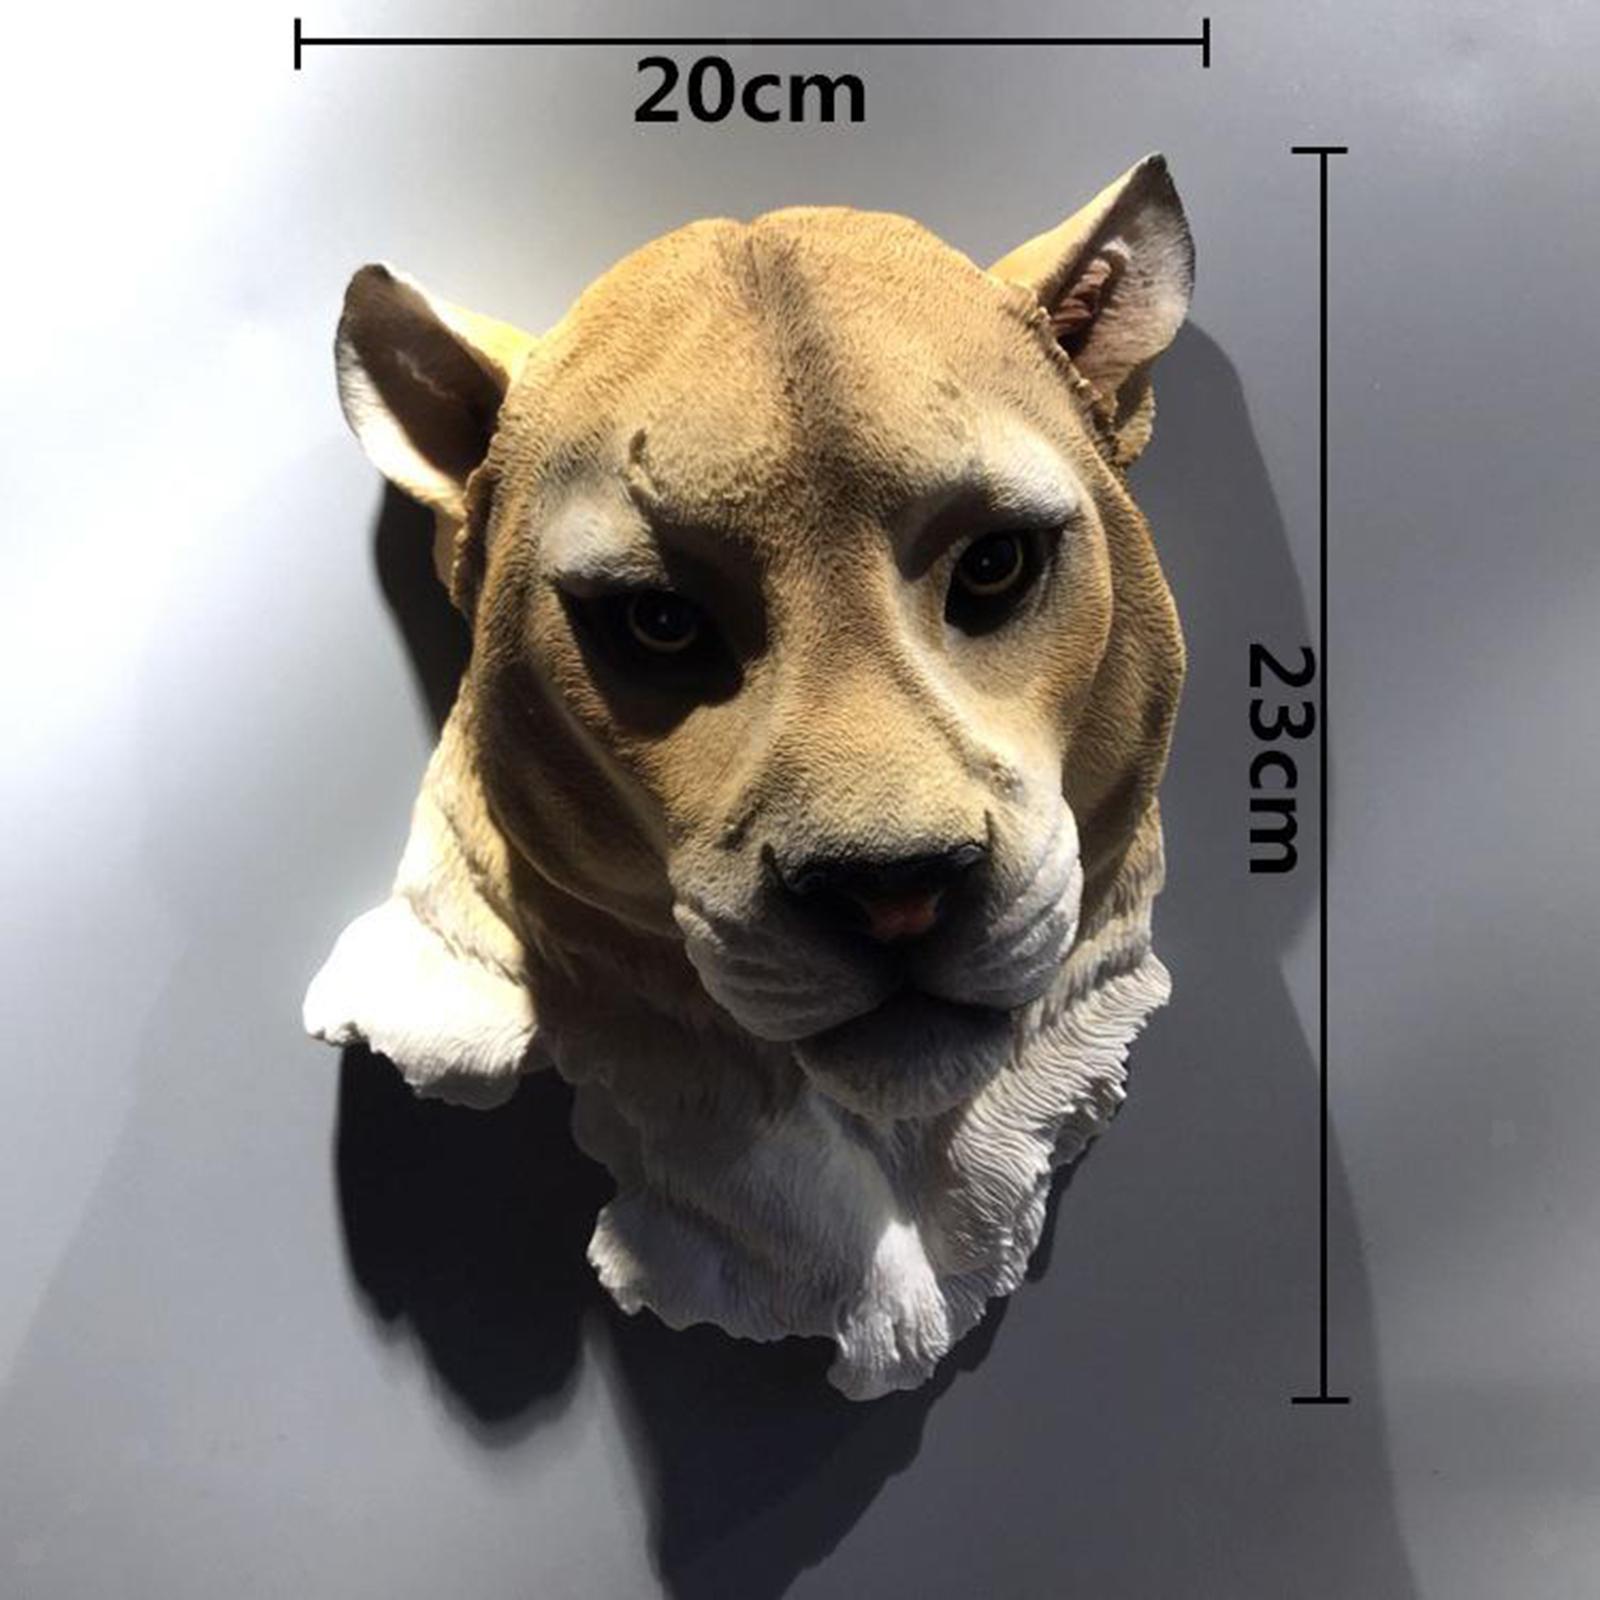 miniatura 3 - Parete Appeso Novità Realistico In Resina Testa di Animale Decorazione di